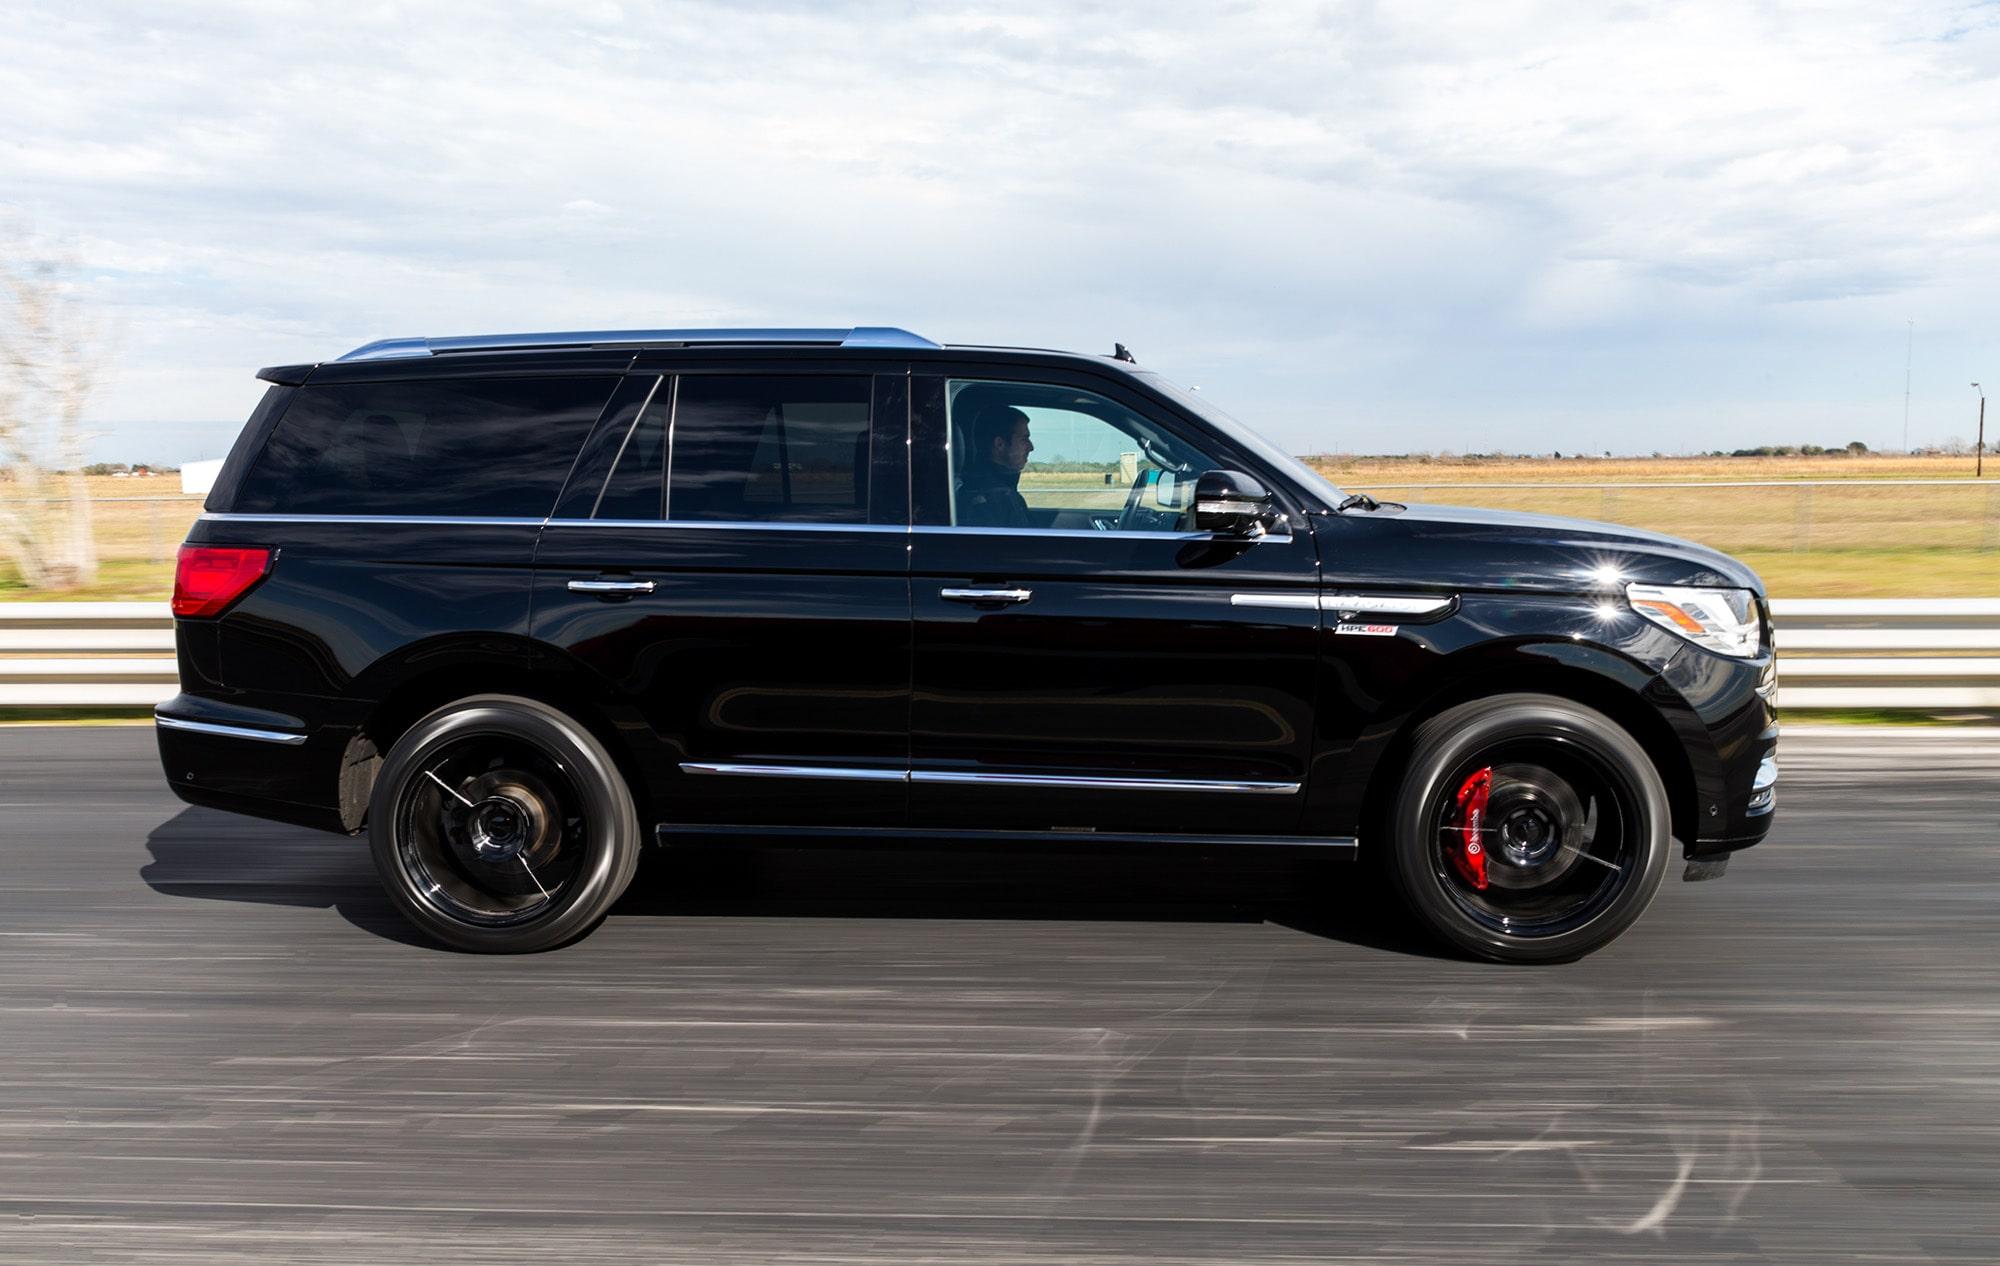 Hennessey HPE600 Lincoln Navitator 2019 HPE600-Lincoln-Navigator-24-min